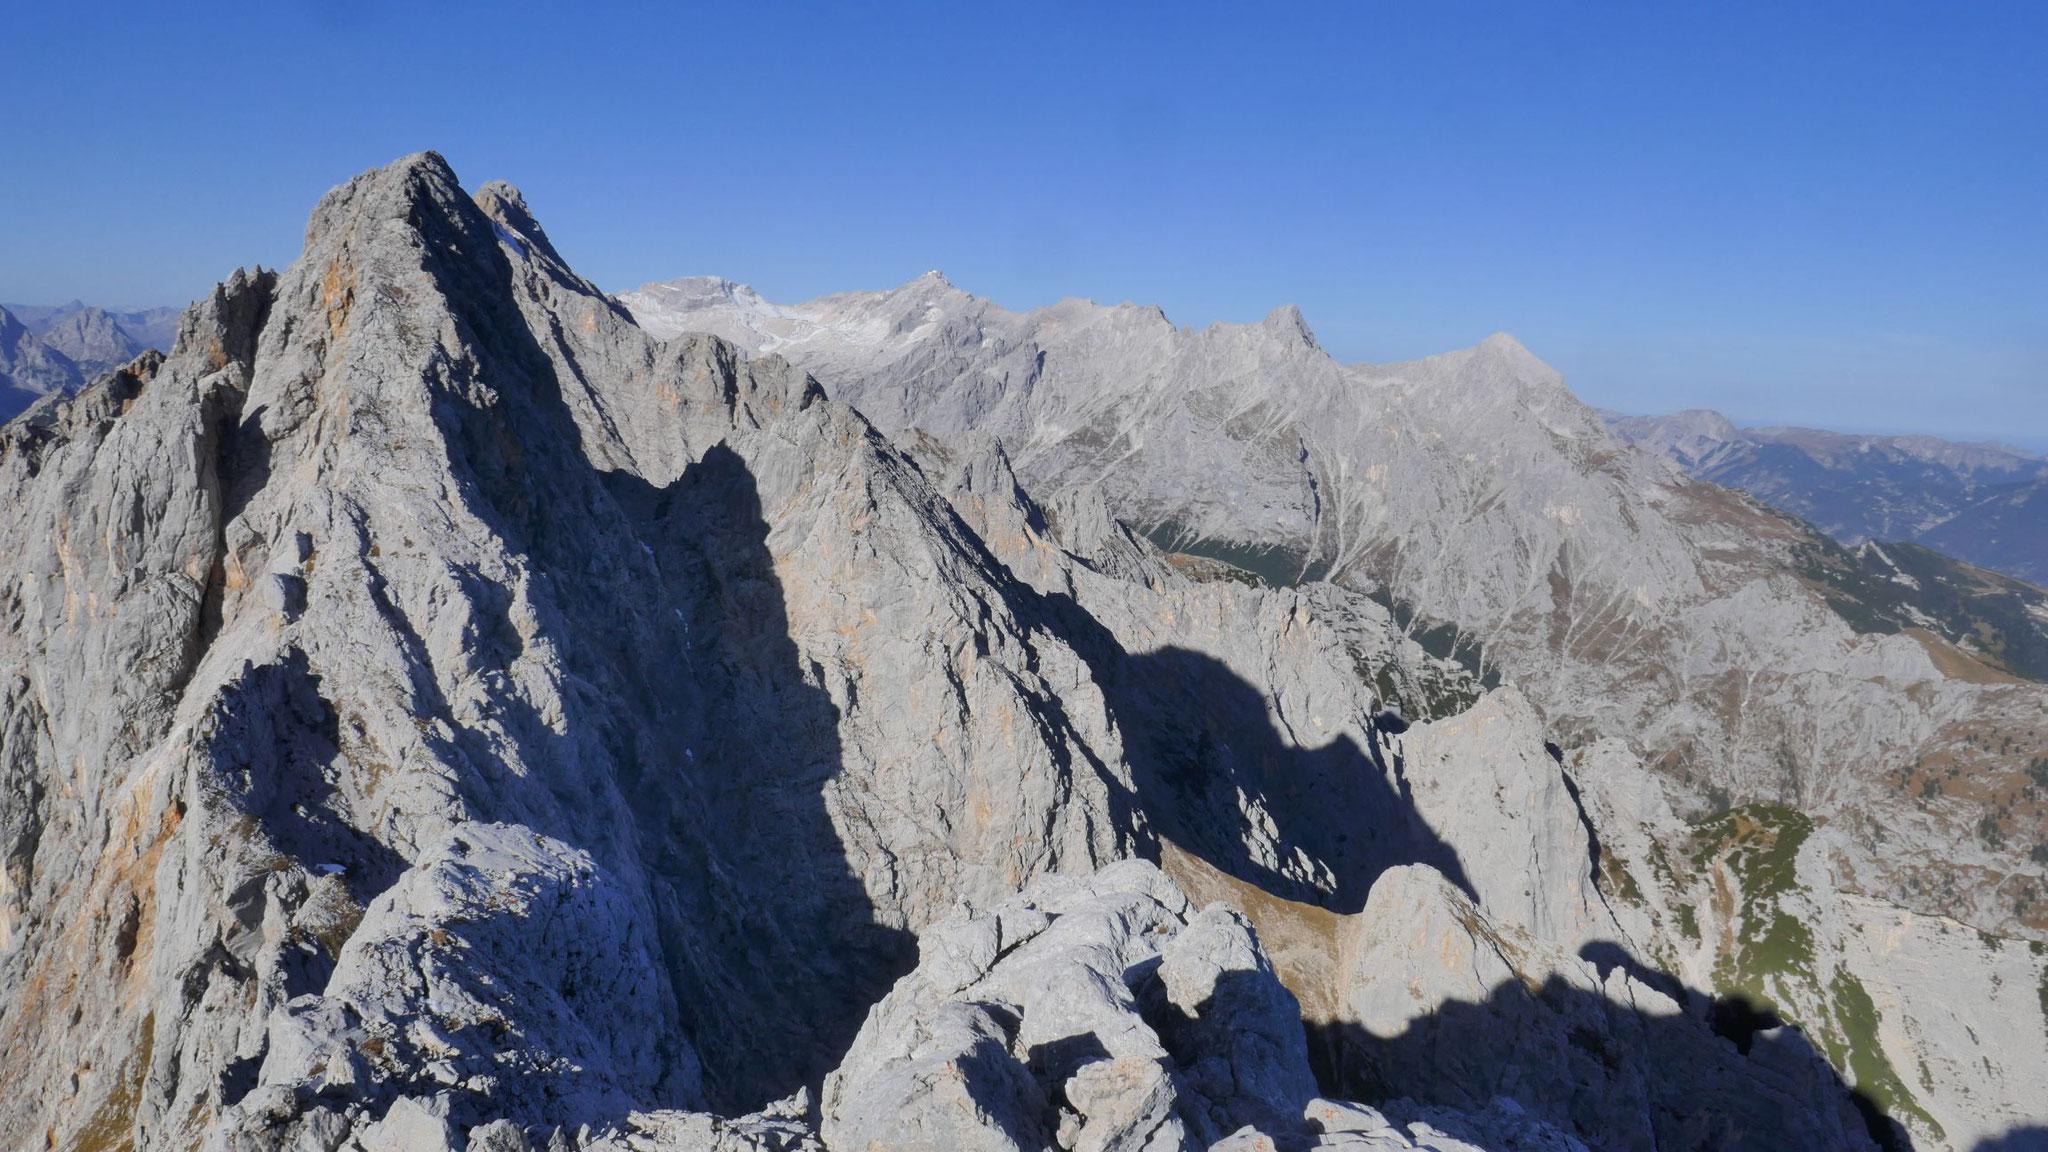 Oberreintalschrofen, dahinter Zugspitze mit ihren Graten